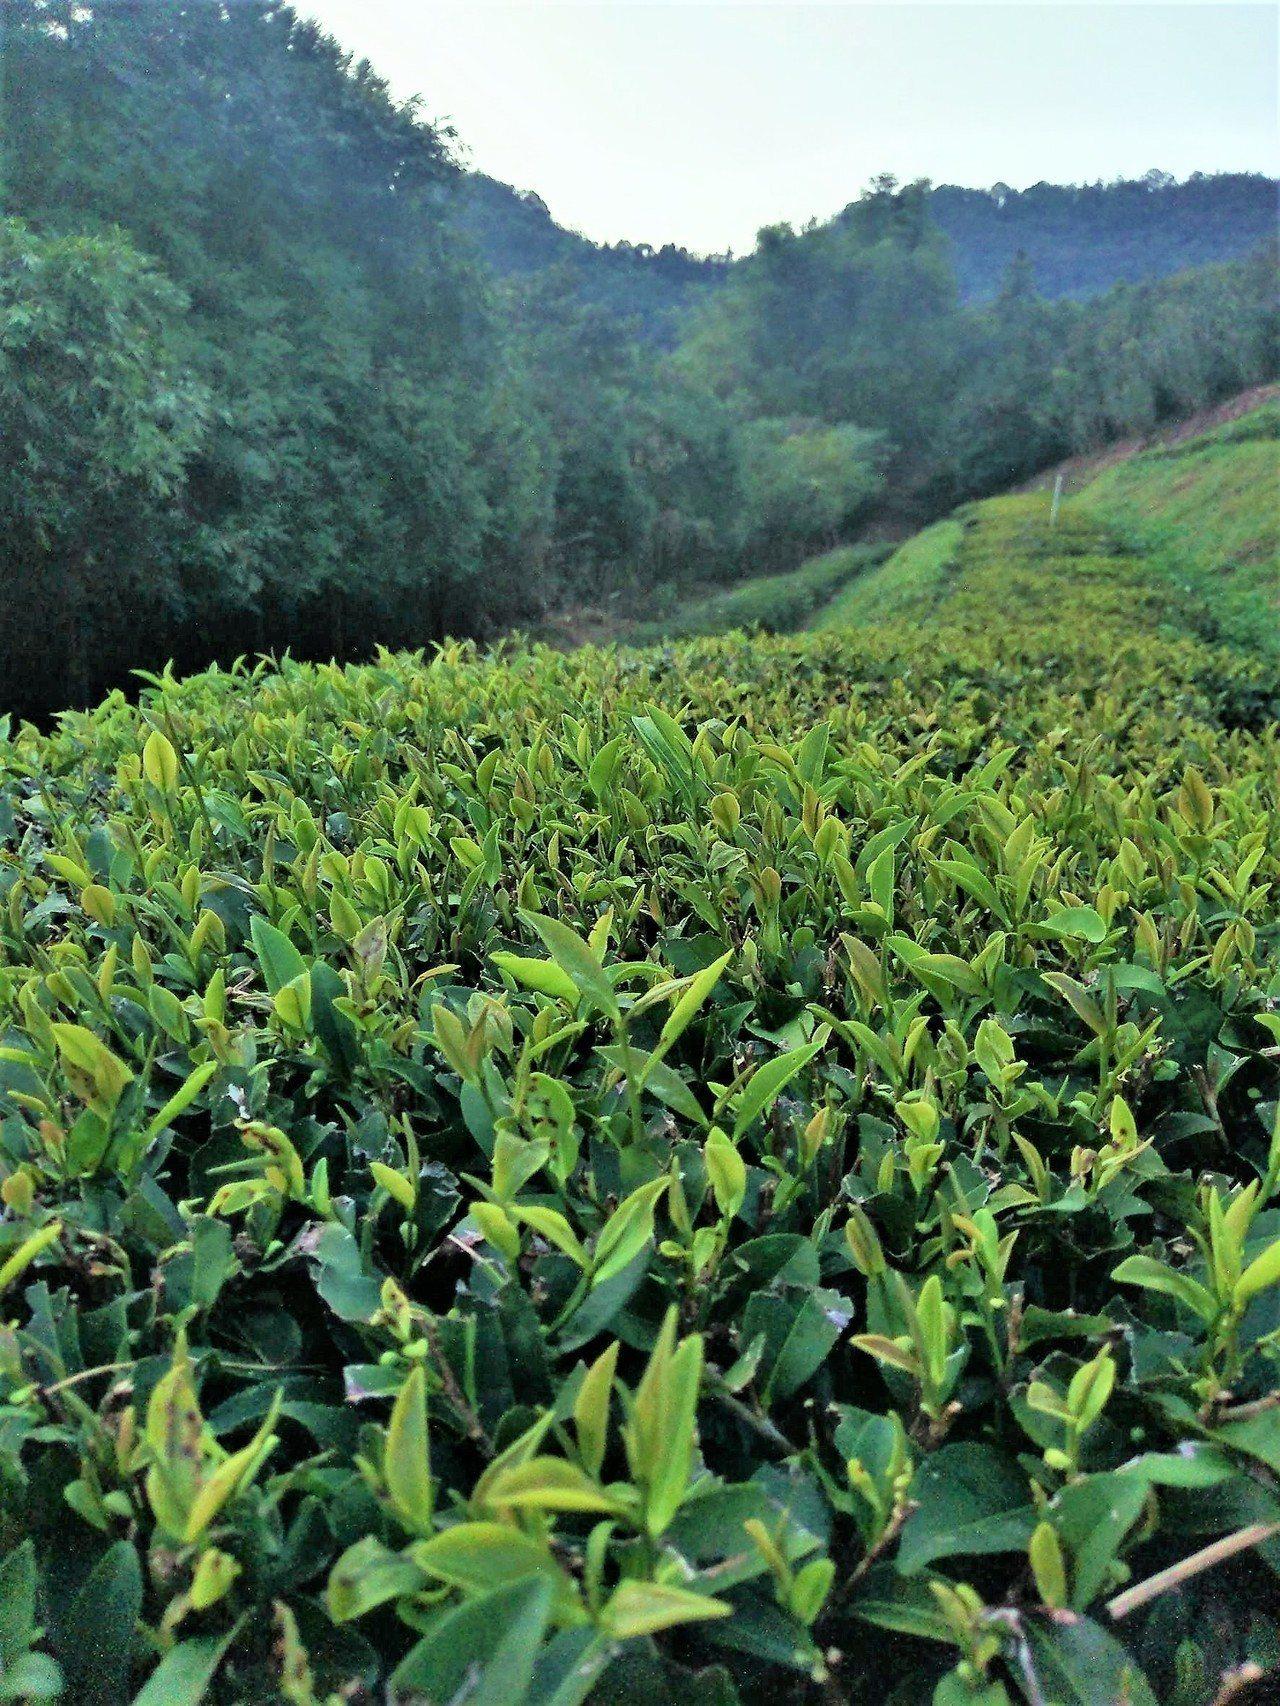 台灣新品種「台茶23號」是從祁門種紅茶種子,經過80年的育種篩選,終於將育苗種苗...